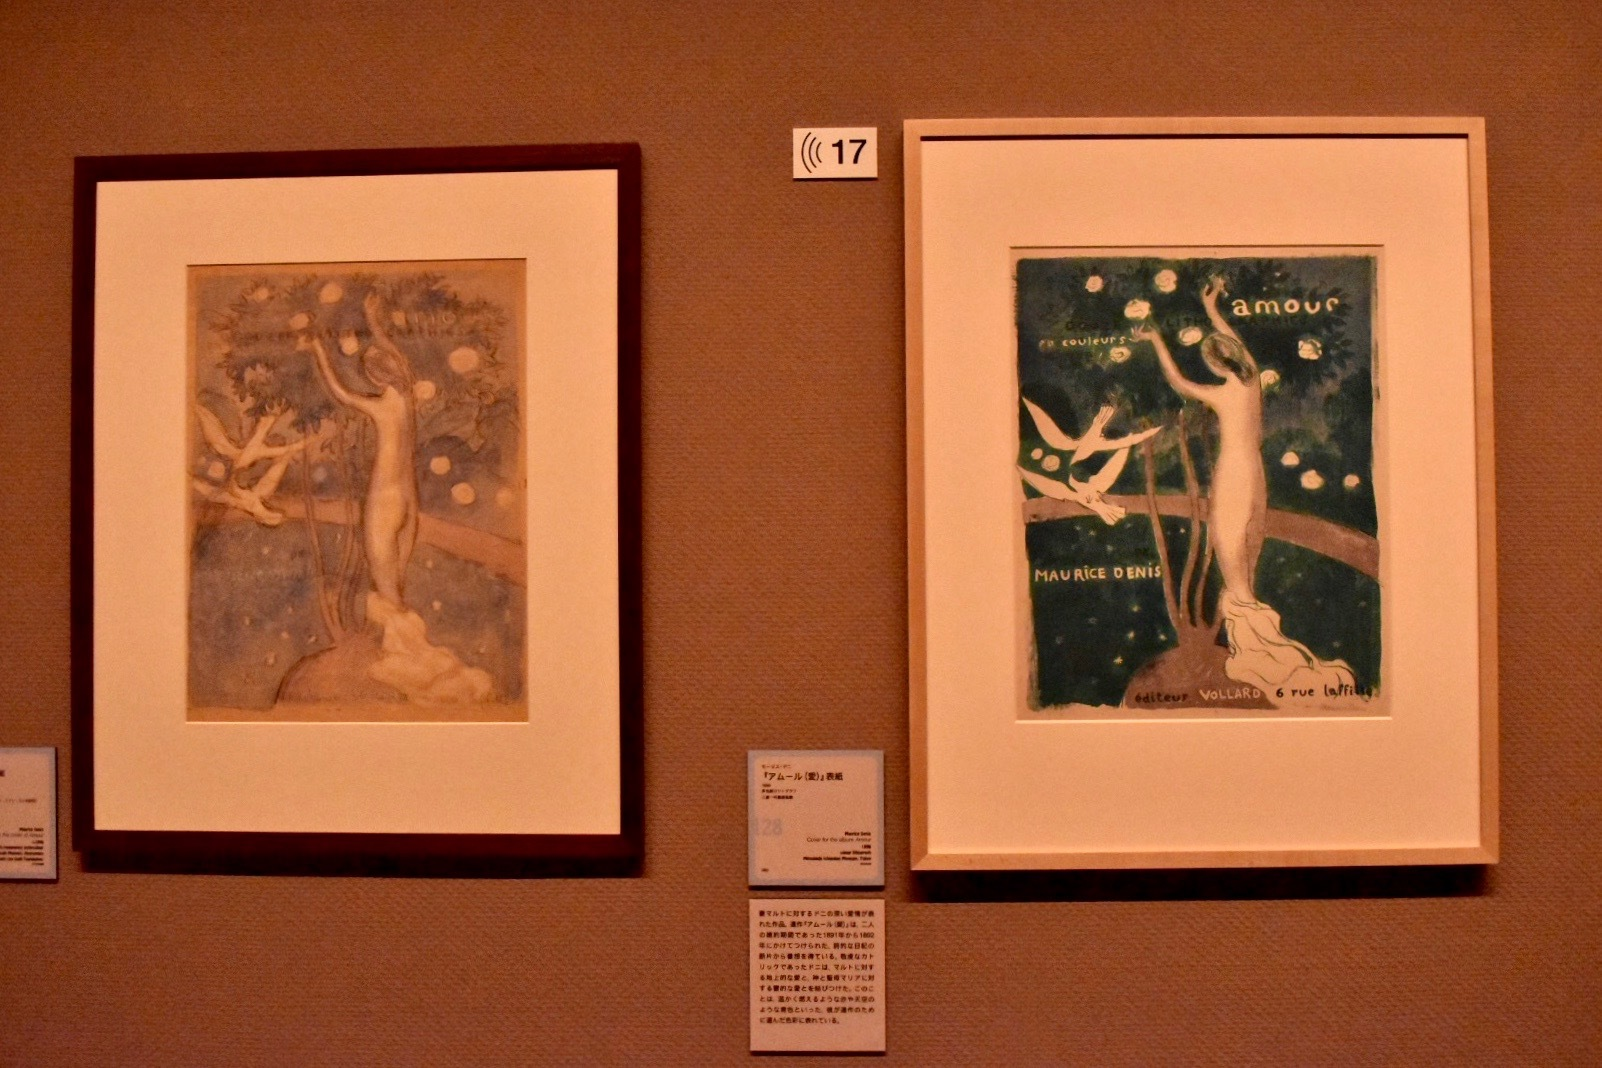 左:モーリス・ドニ《『アムール(愛)』表紙のための下絵》1898年頃  右:モーリス・ドニ《『アムール(愛)』表紙》1898年